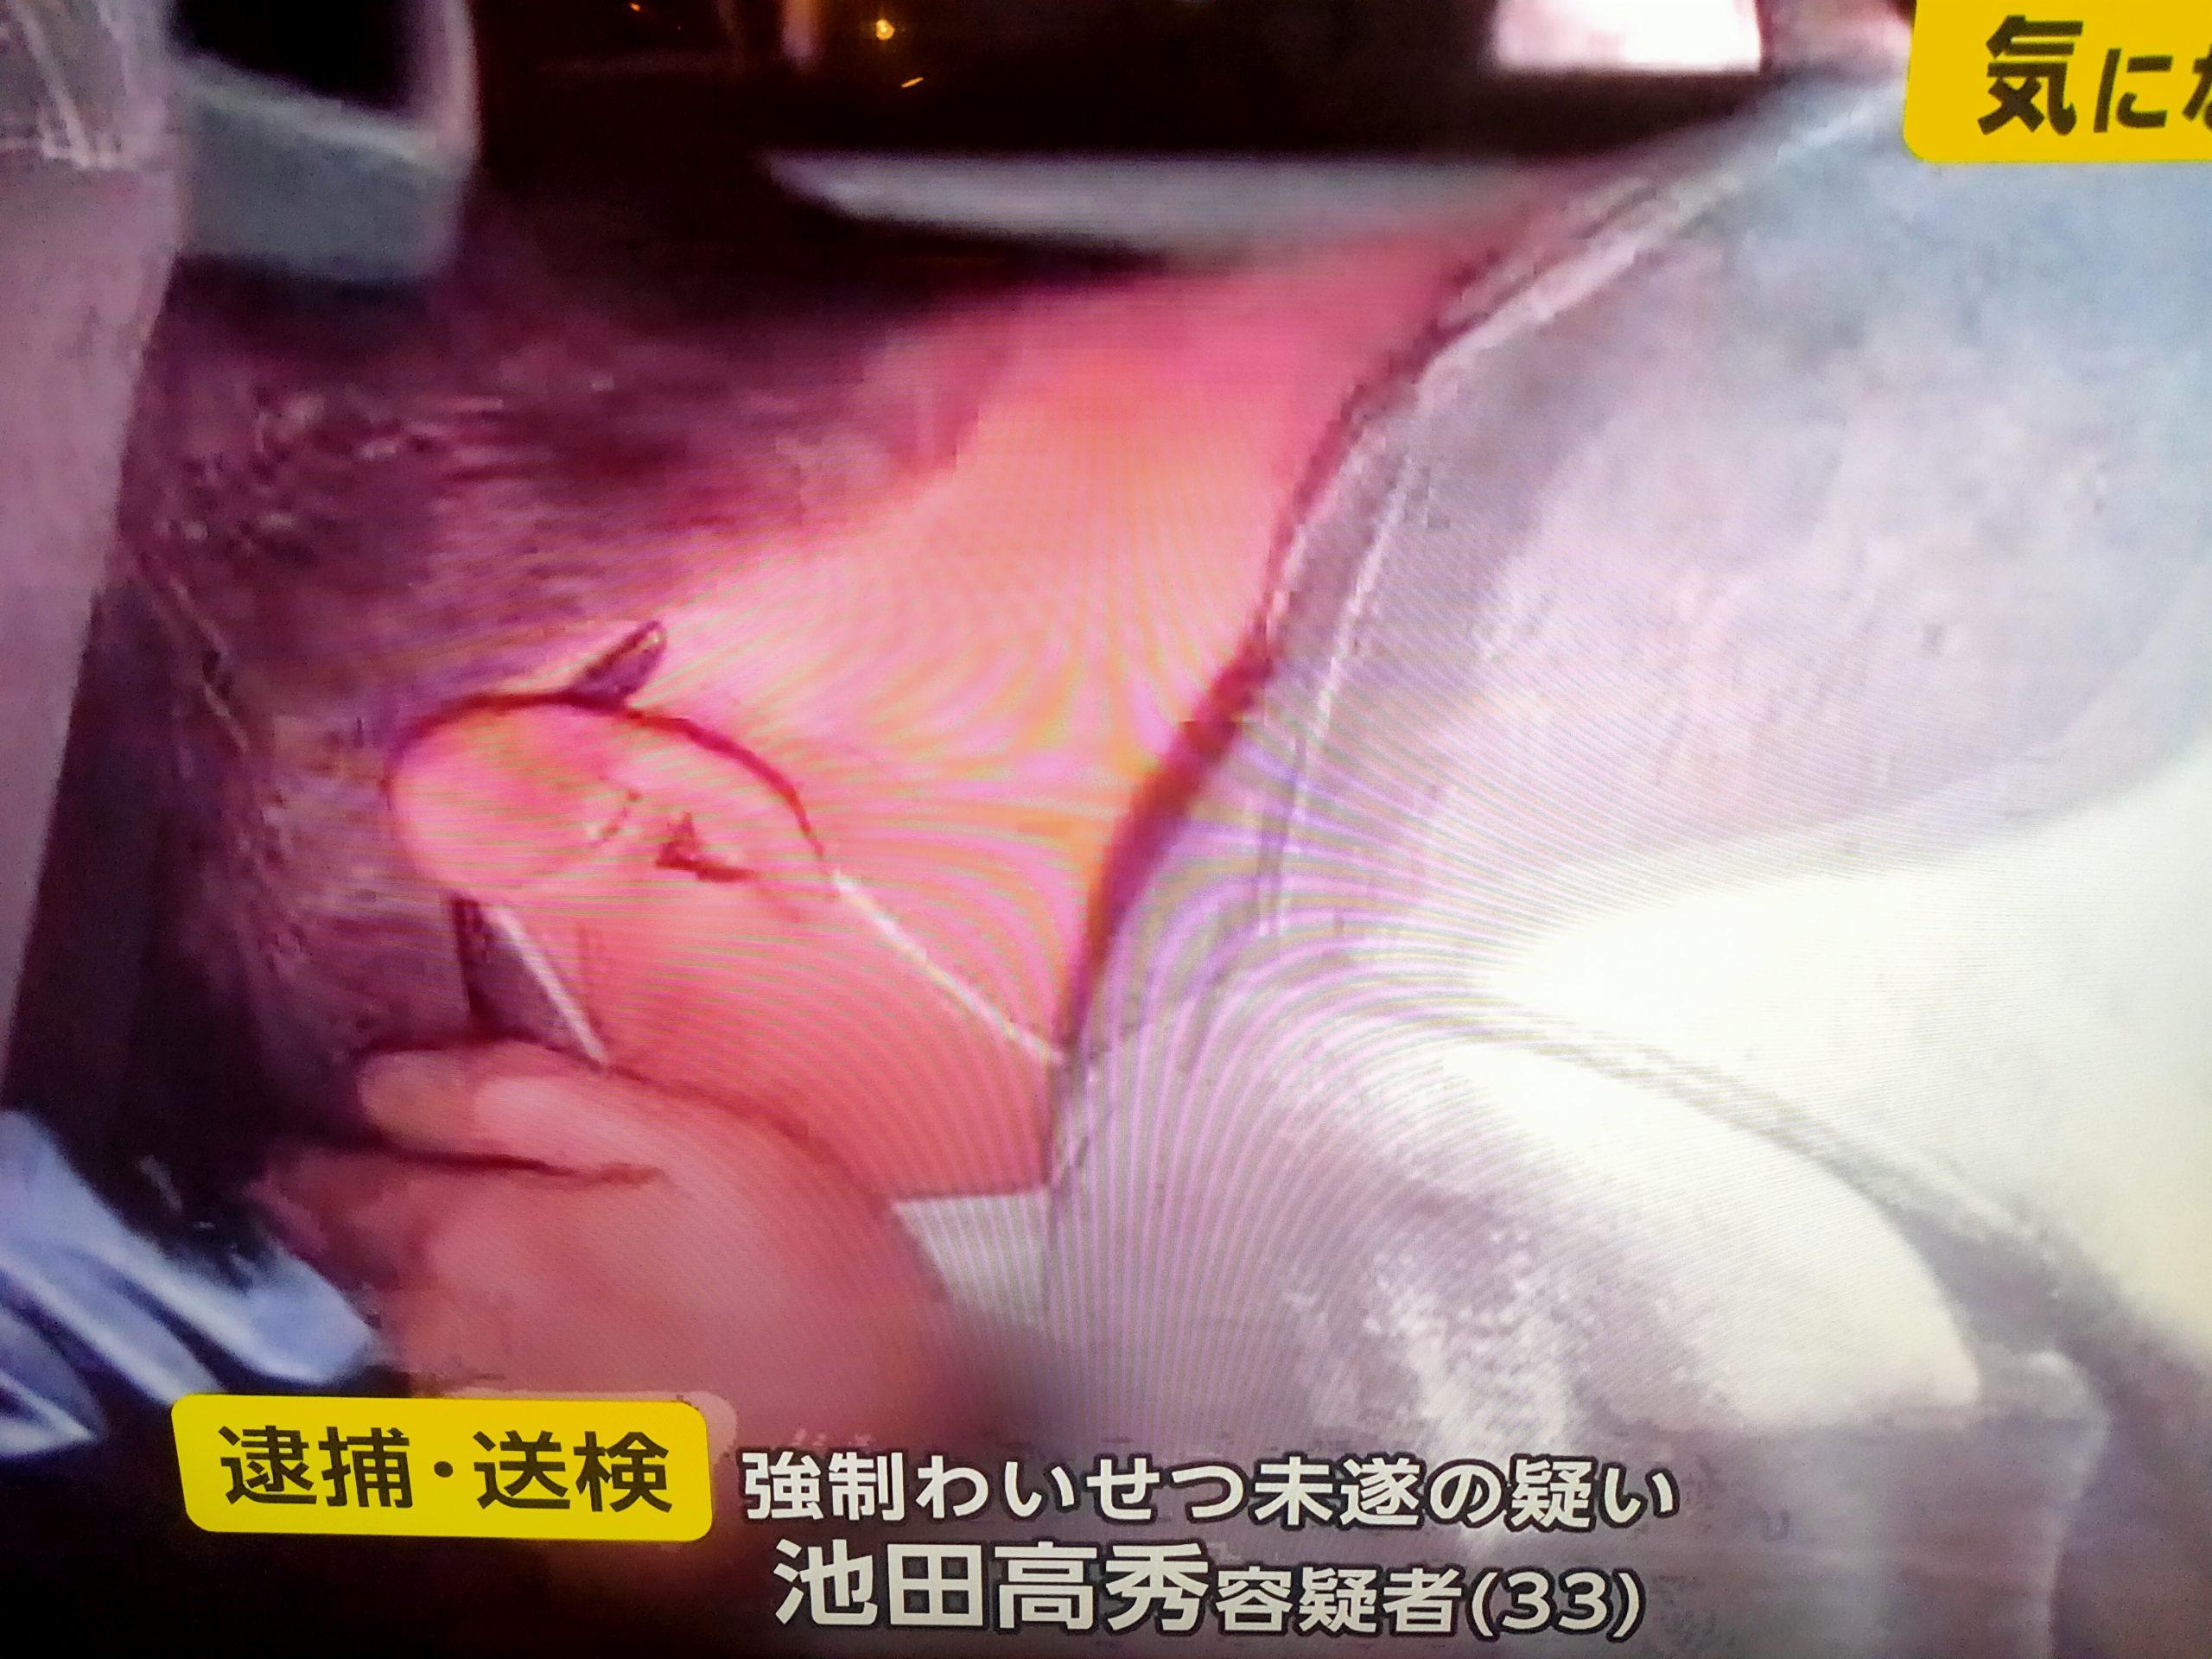 池田高秀巡査部長(須影駐在所)Facebook顔画像特定か!家族の妻・子供は?羽生警察!